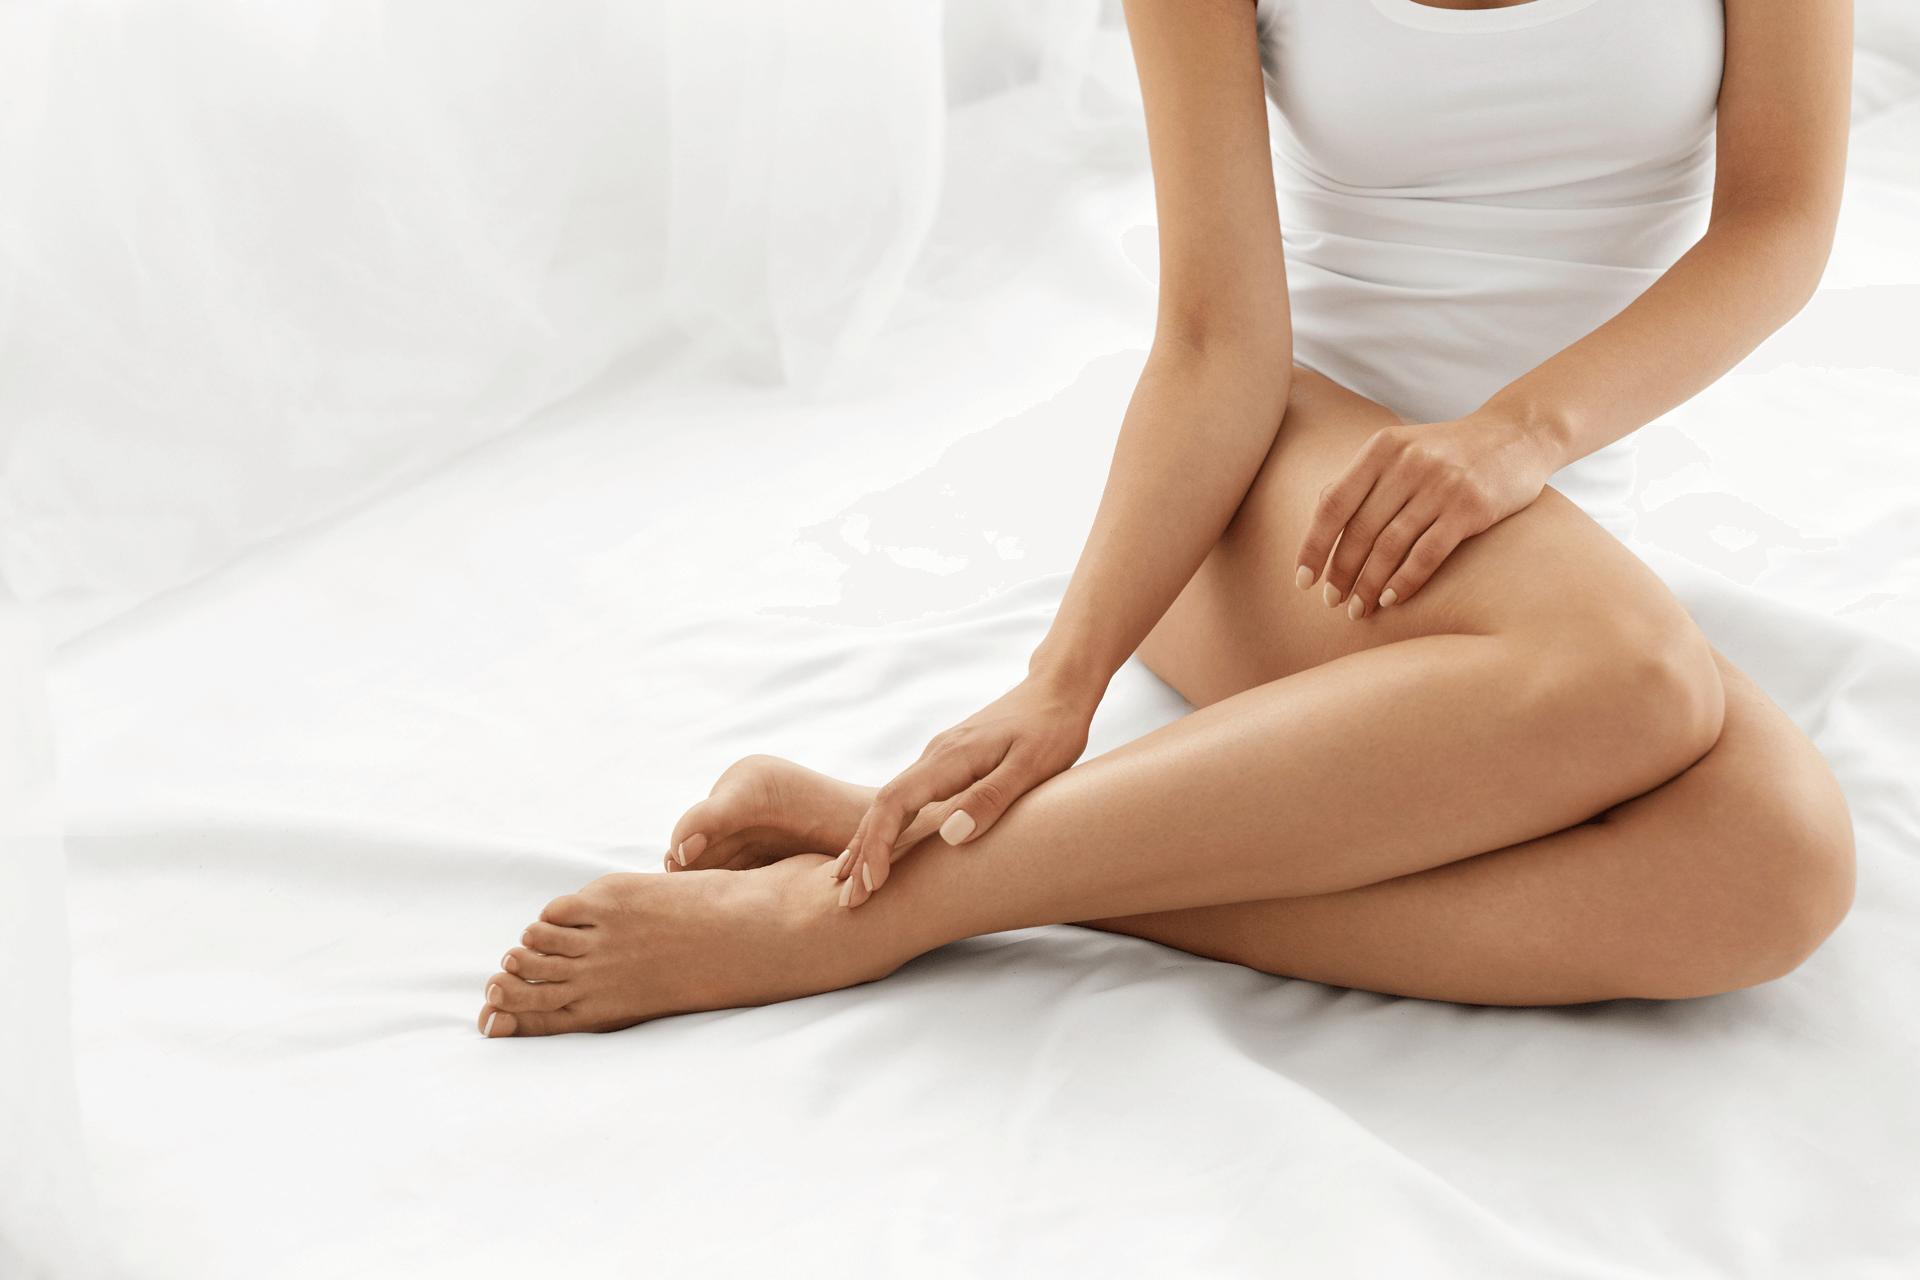 Hogyan szél a Medical rugalmas pólya a lábán?